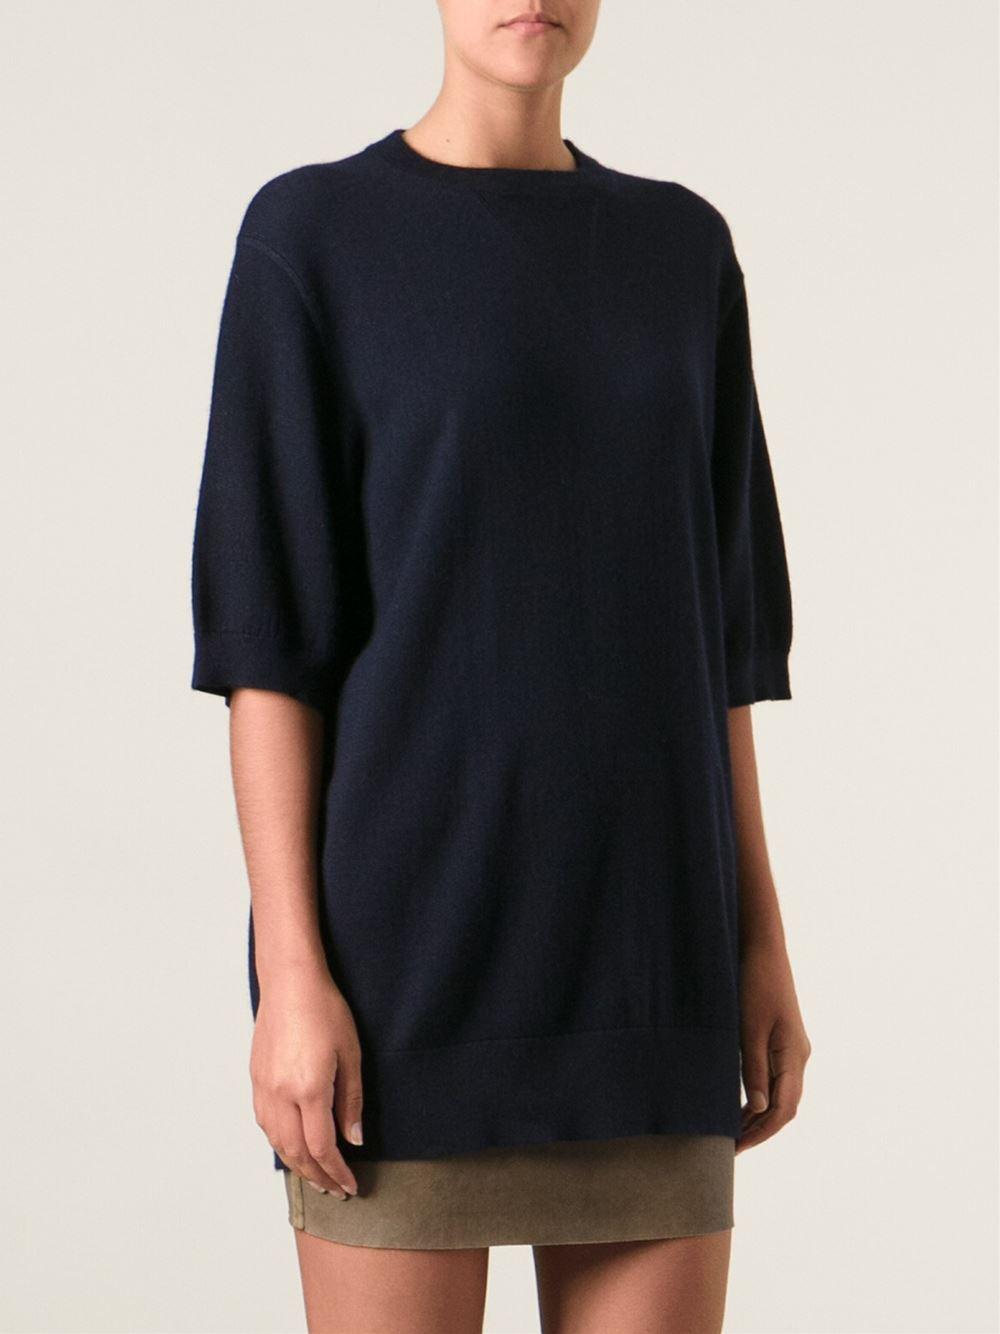 isabel marant 39 olivia 39 sweater in blue lyst. Black Bedroom Furniture Sets. Home Design Ideas